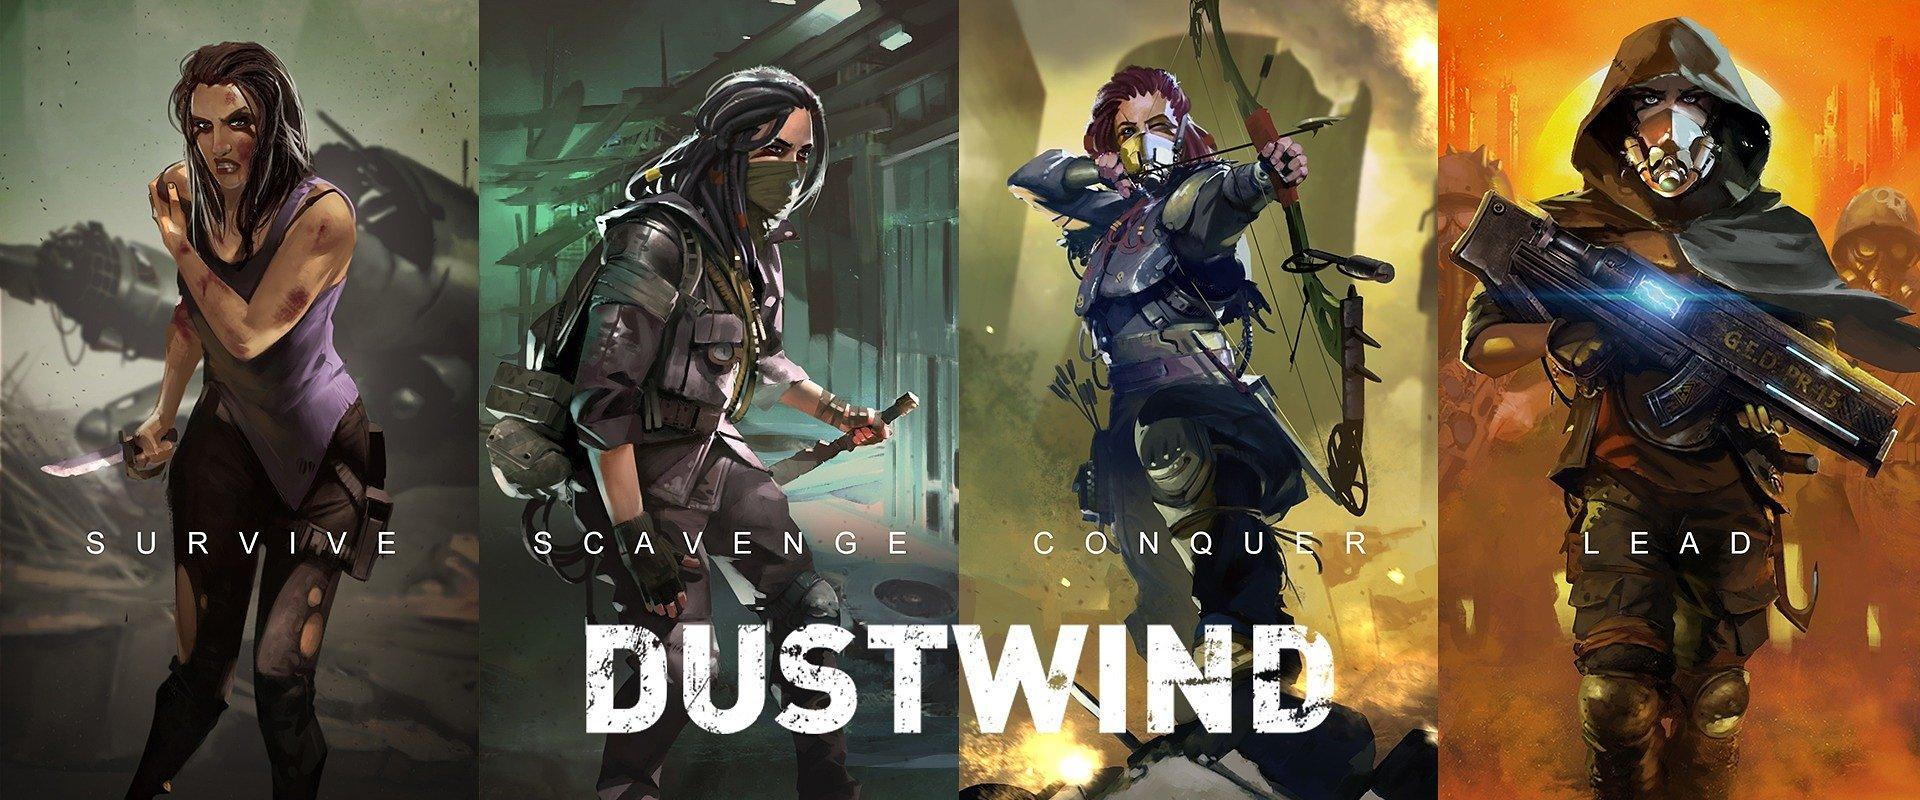 Kämpfe gegen die Ungerechtigkeit im Ödland und rette deine Tochter! Dustwind - The Last Resort ist endlich für Konsolen erhältlich!